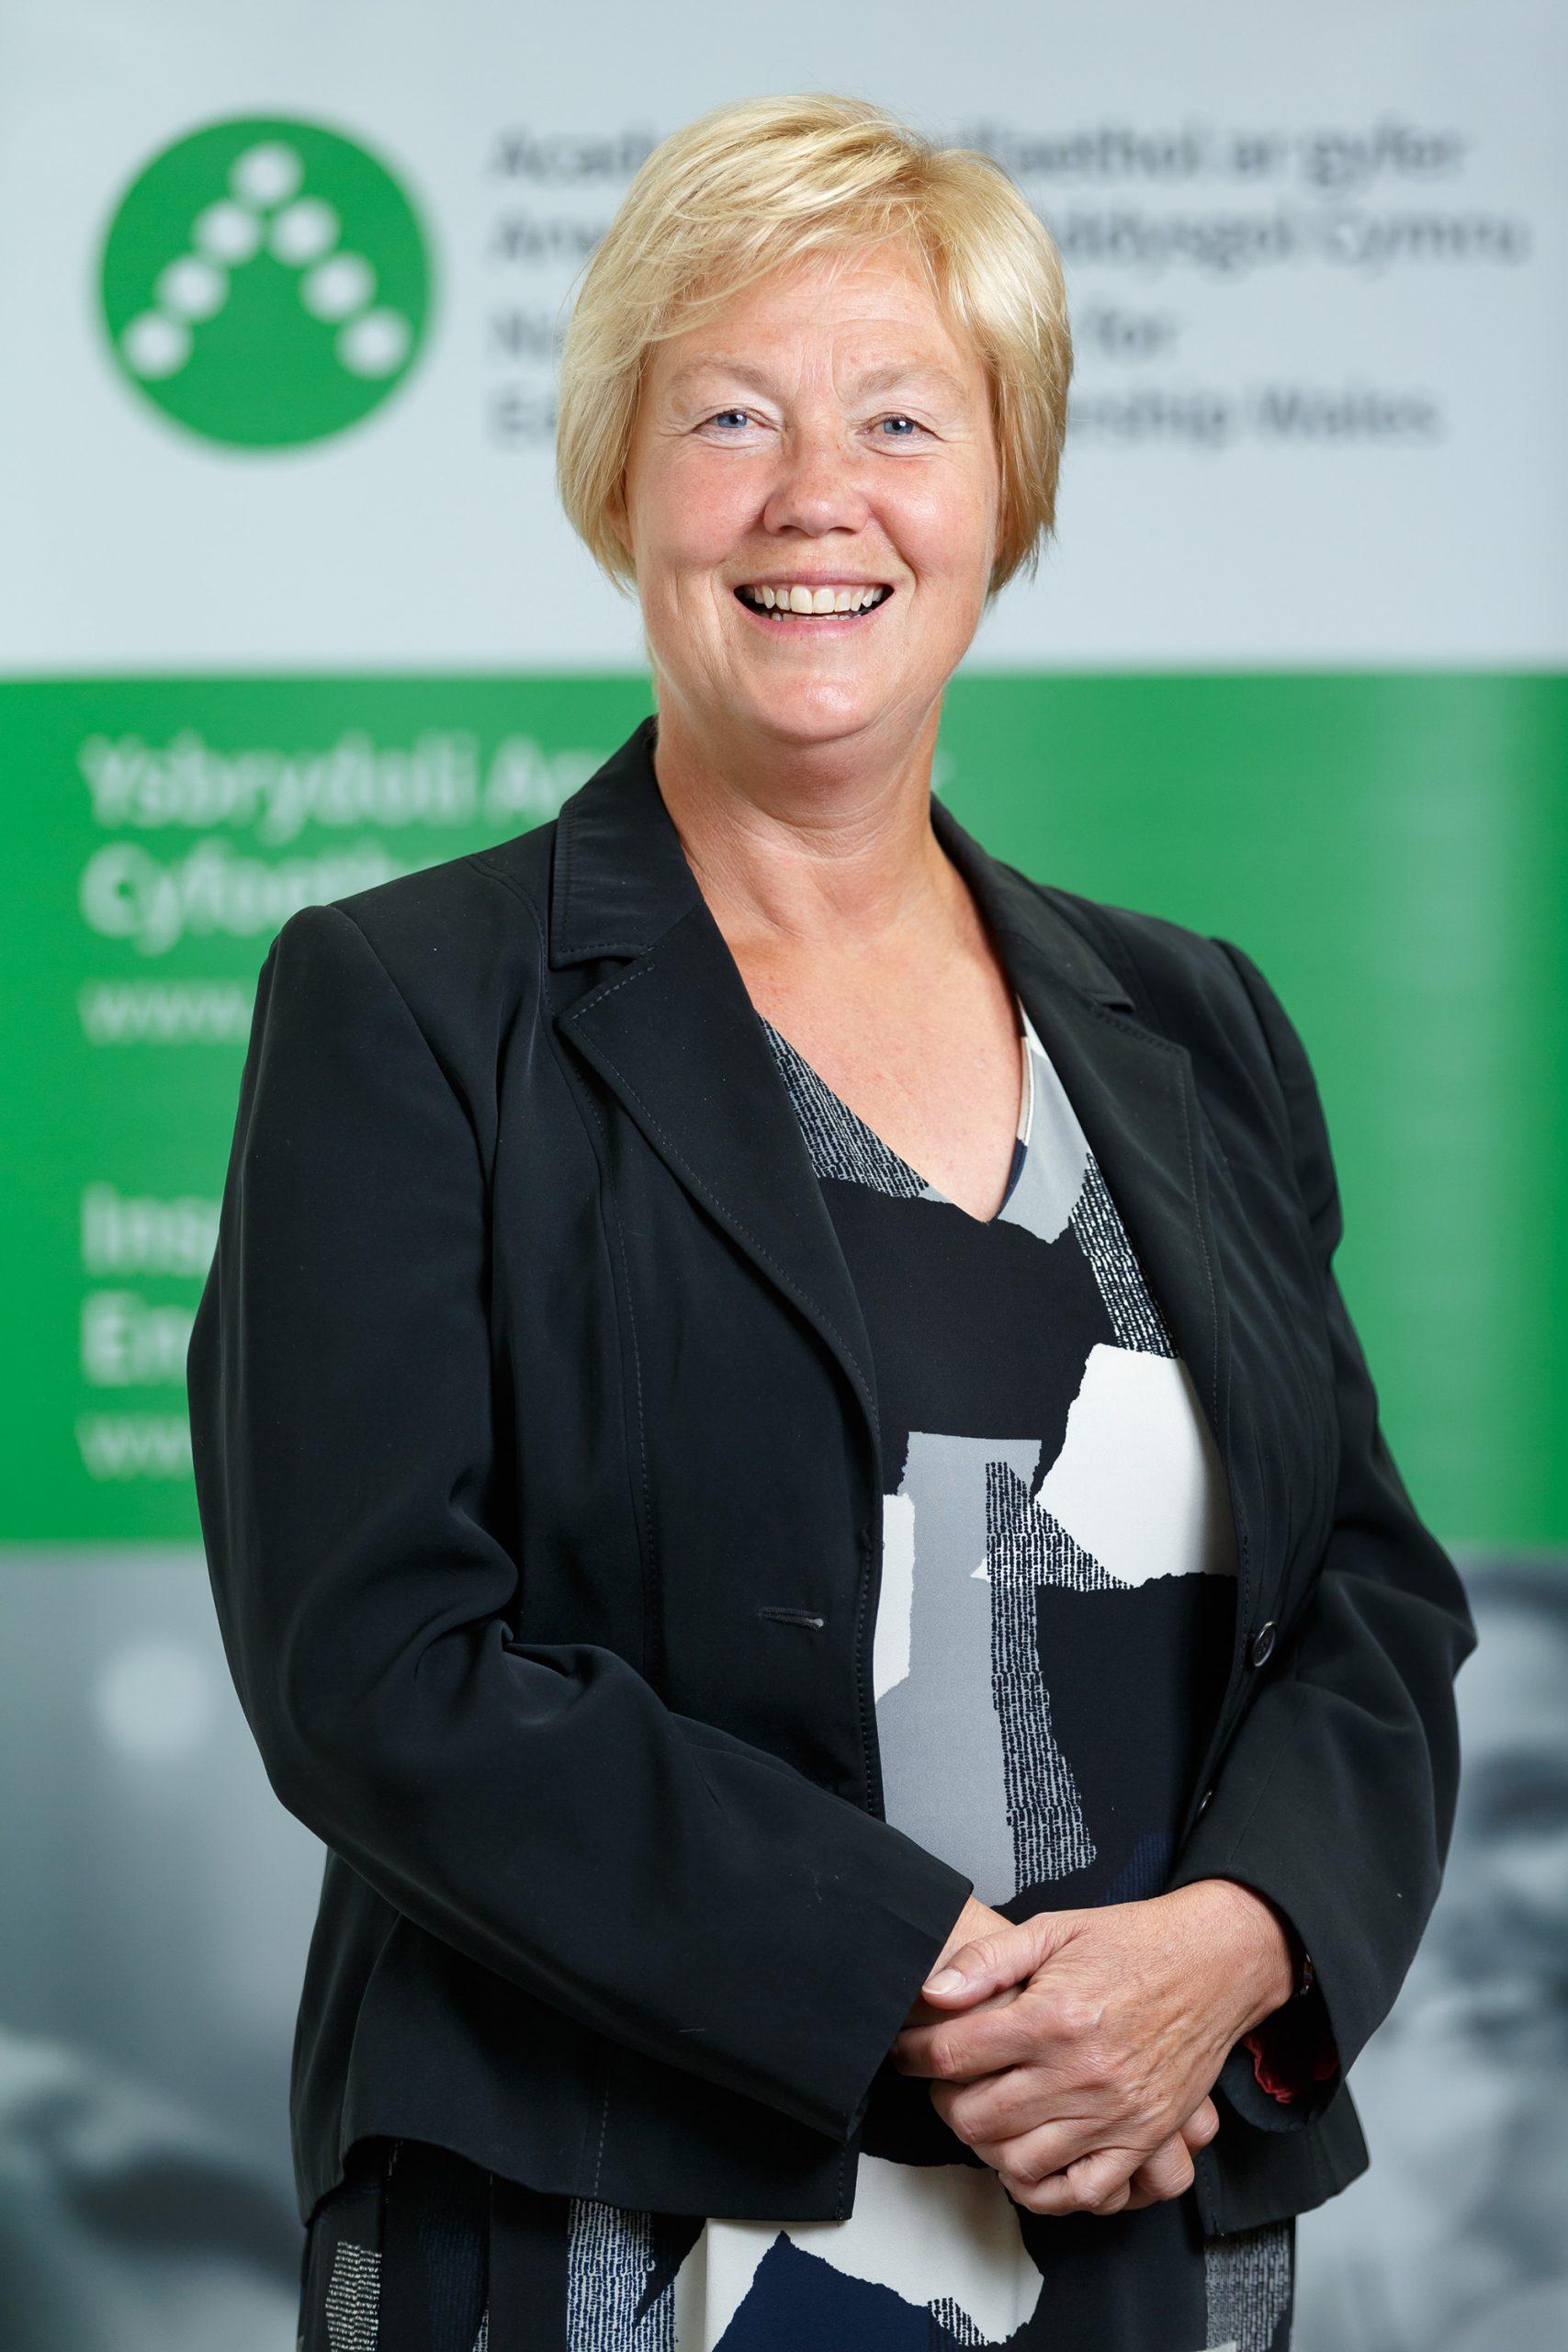 Janet Waldron MBE